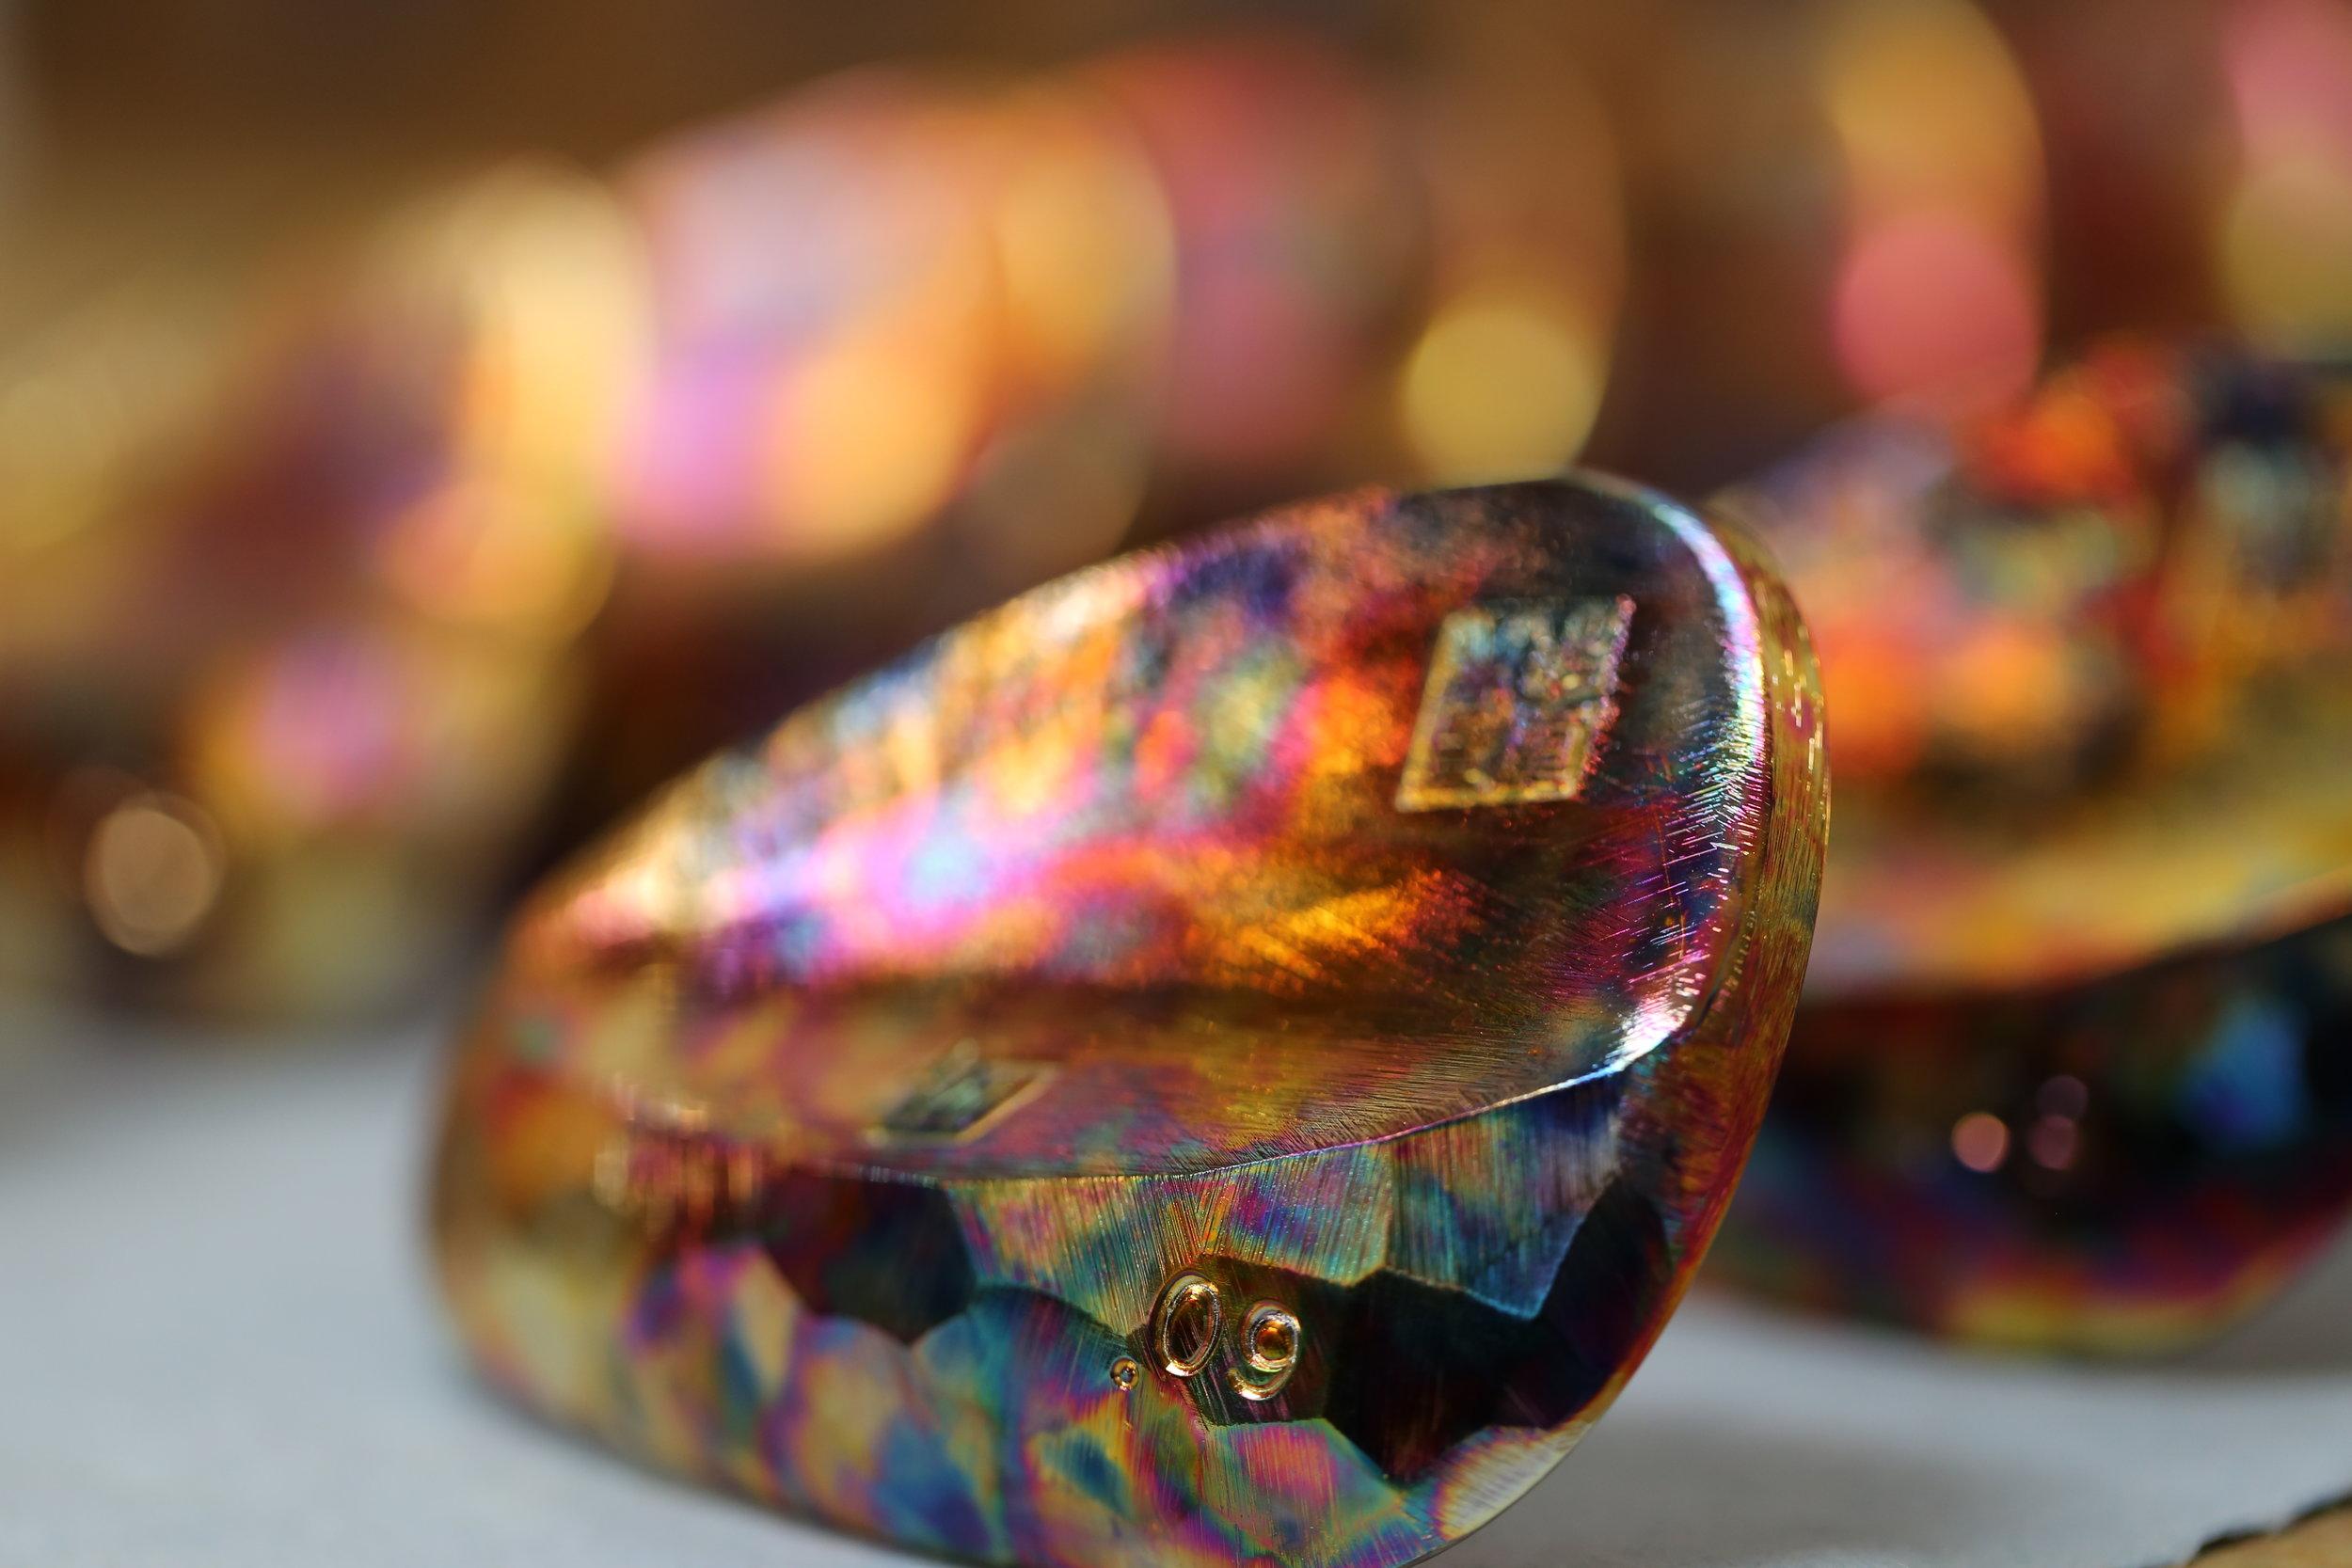 Itobori Grind in Burning Copper